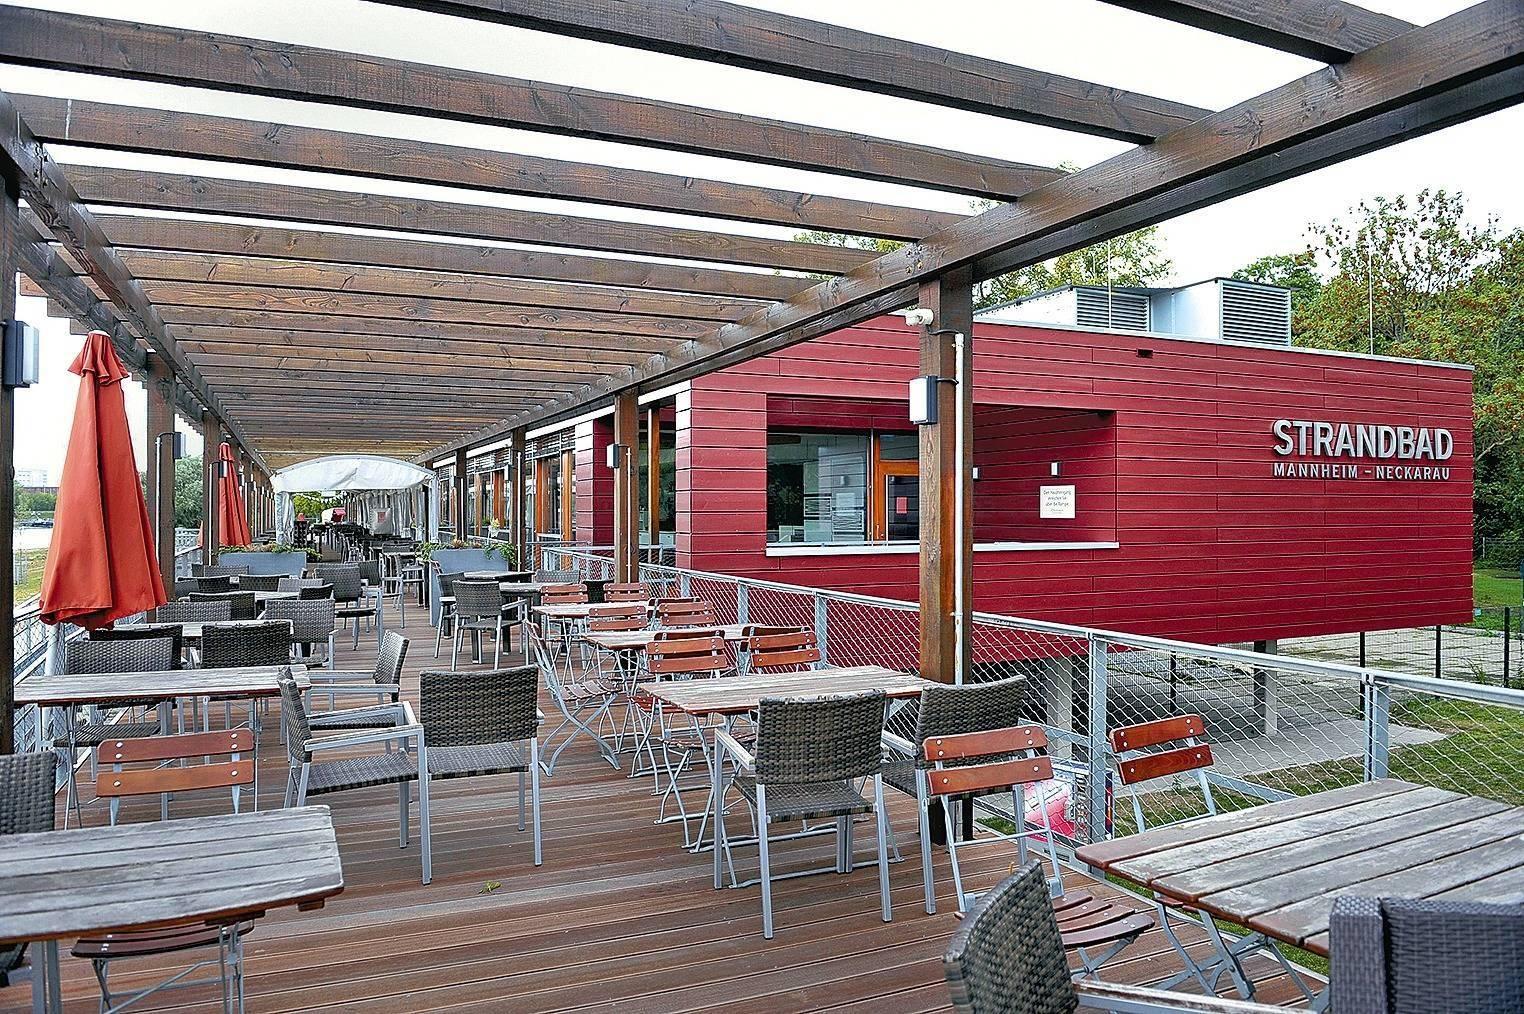 Italienisches restaurant purino kommt ins mannheimer strandbad nachrichten aus mannheim for Gutes restaurant mannheim